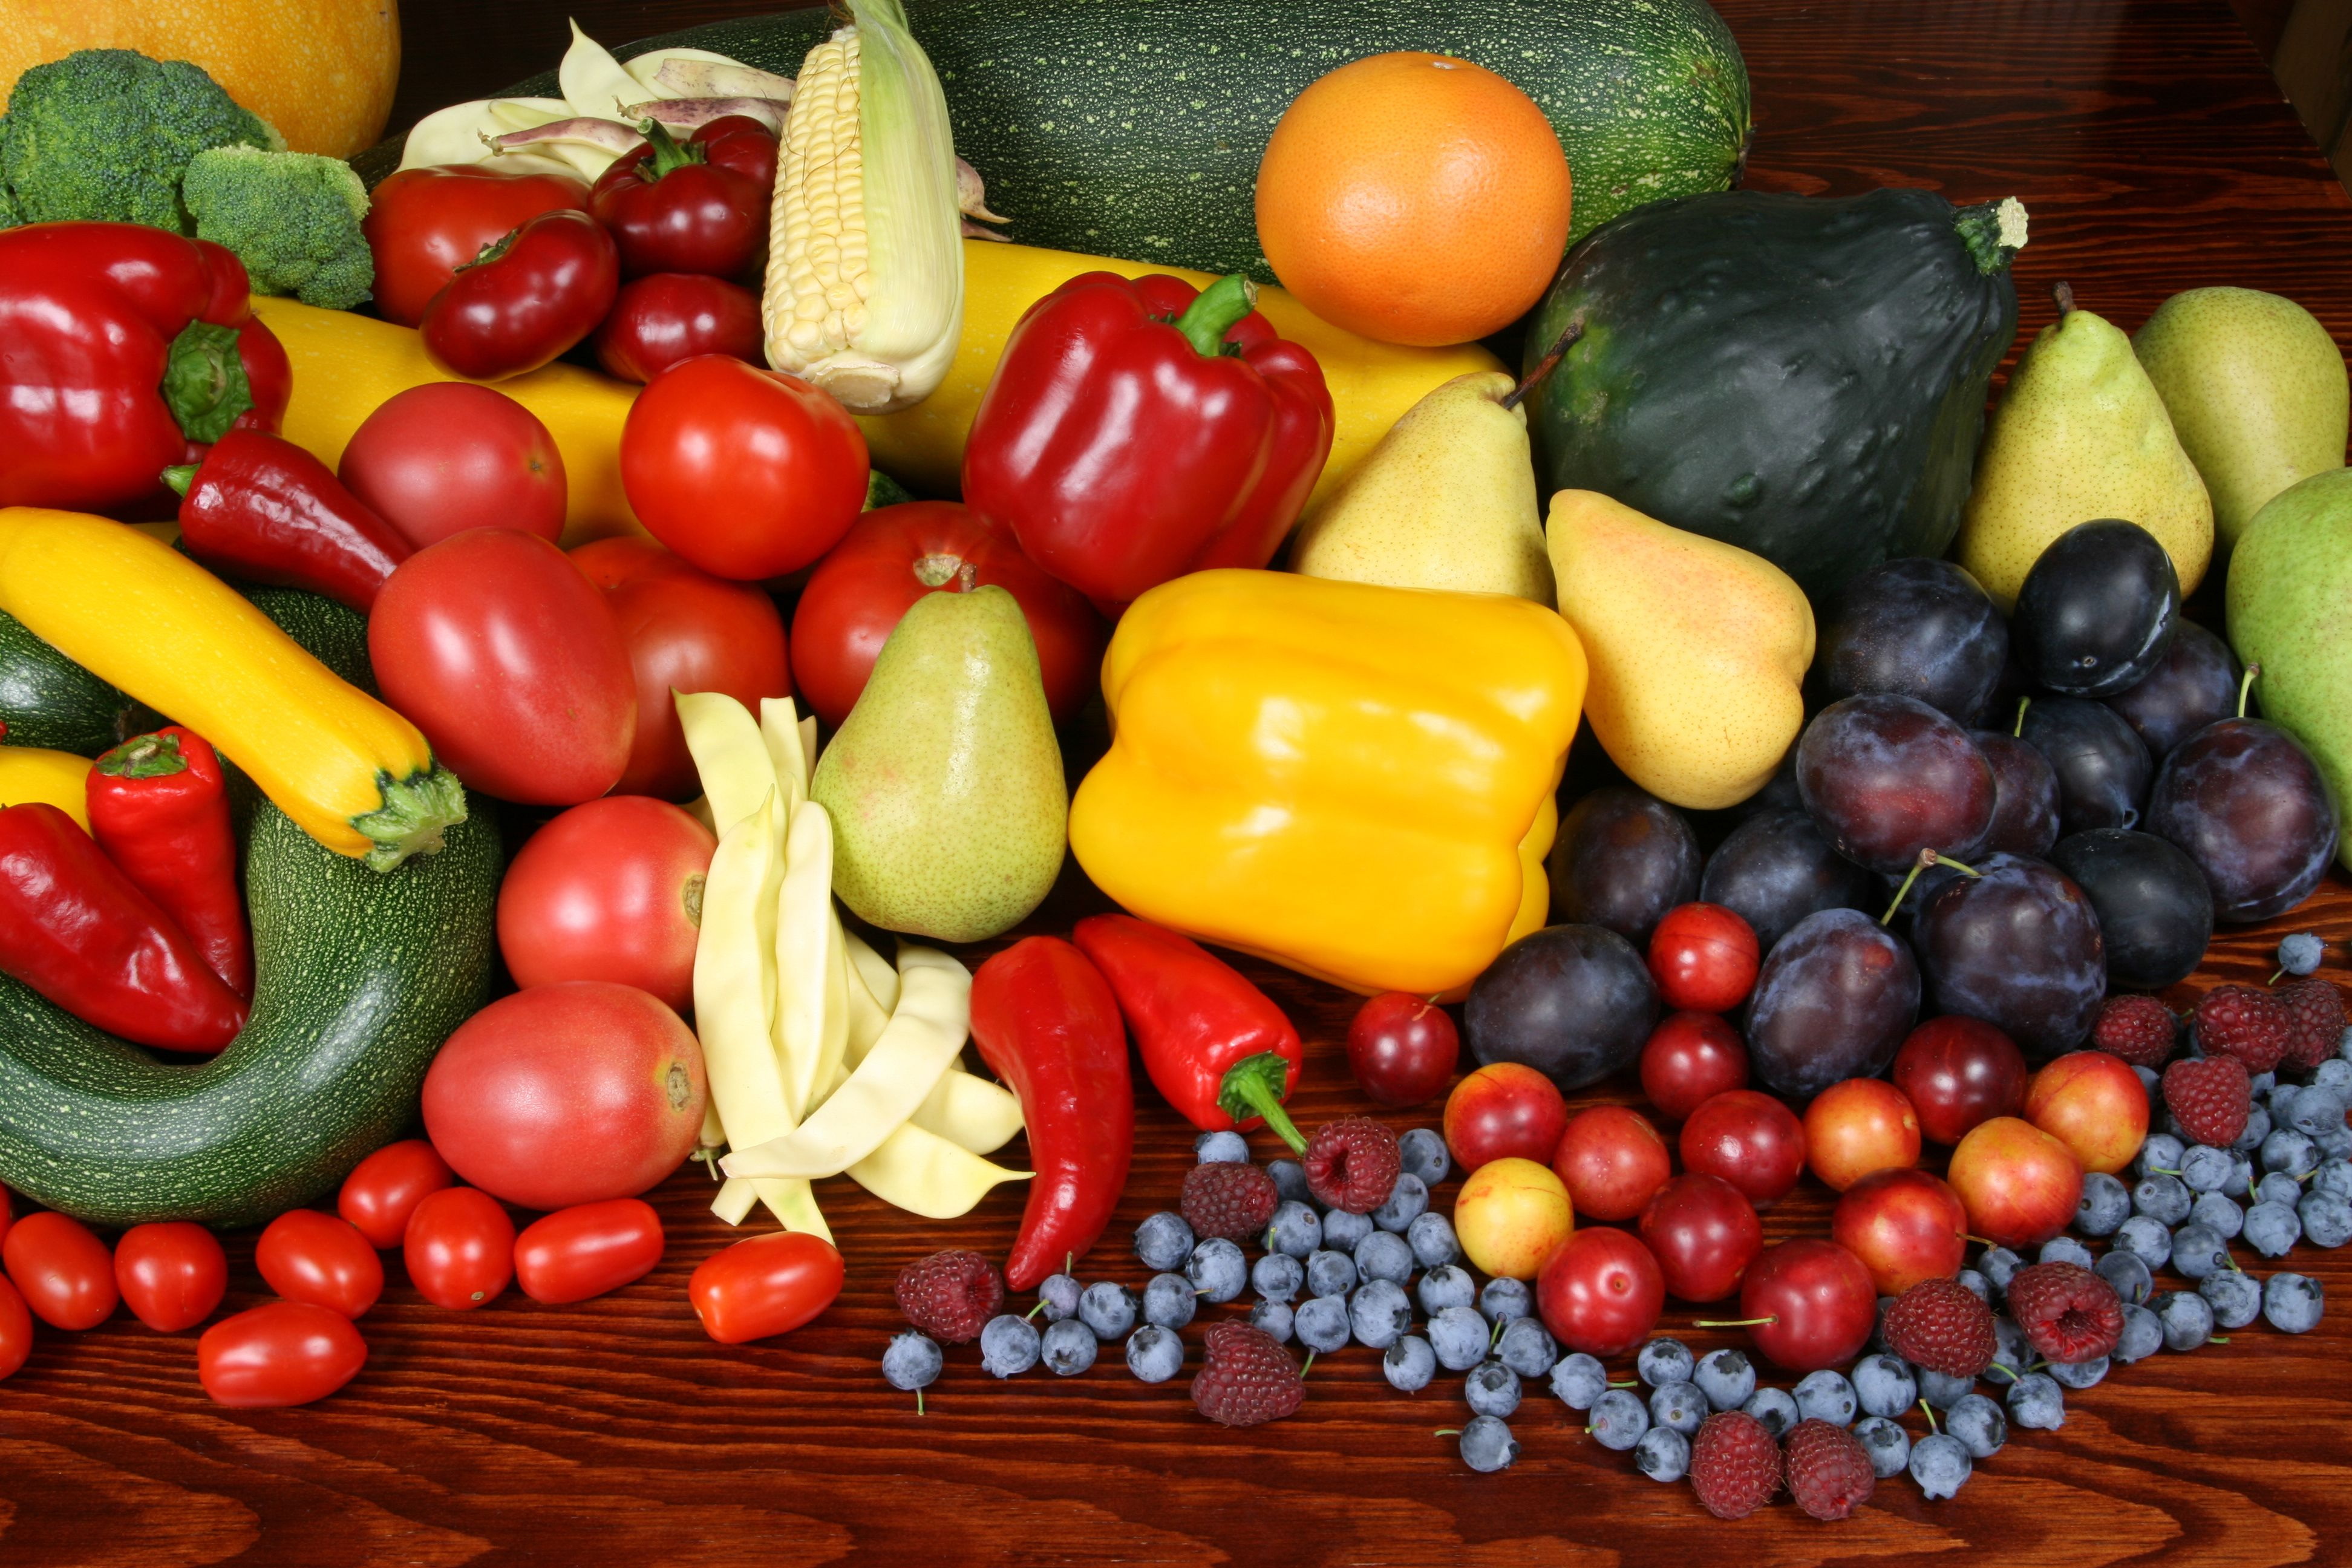 Секс с фруктами название 14 фотография